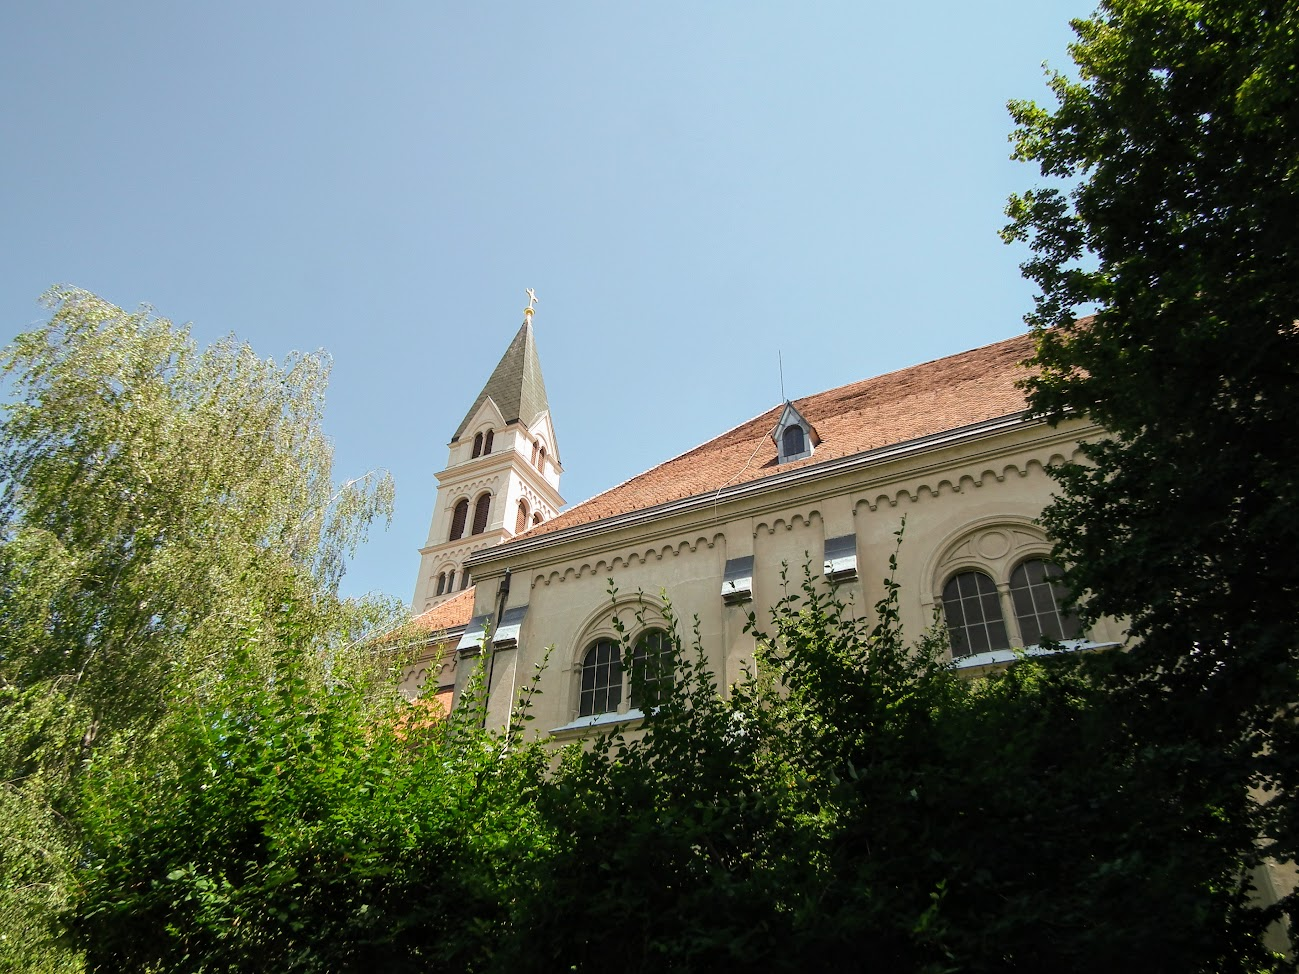 Keszthely - Kis Szent Teréz Kármelita Bazilika